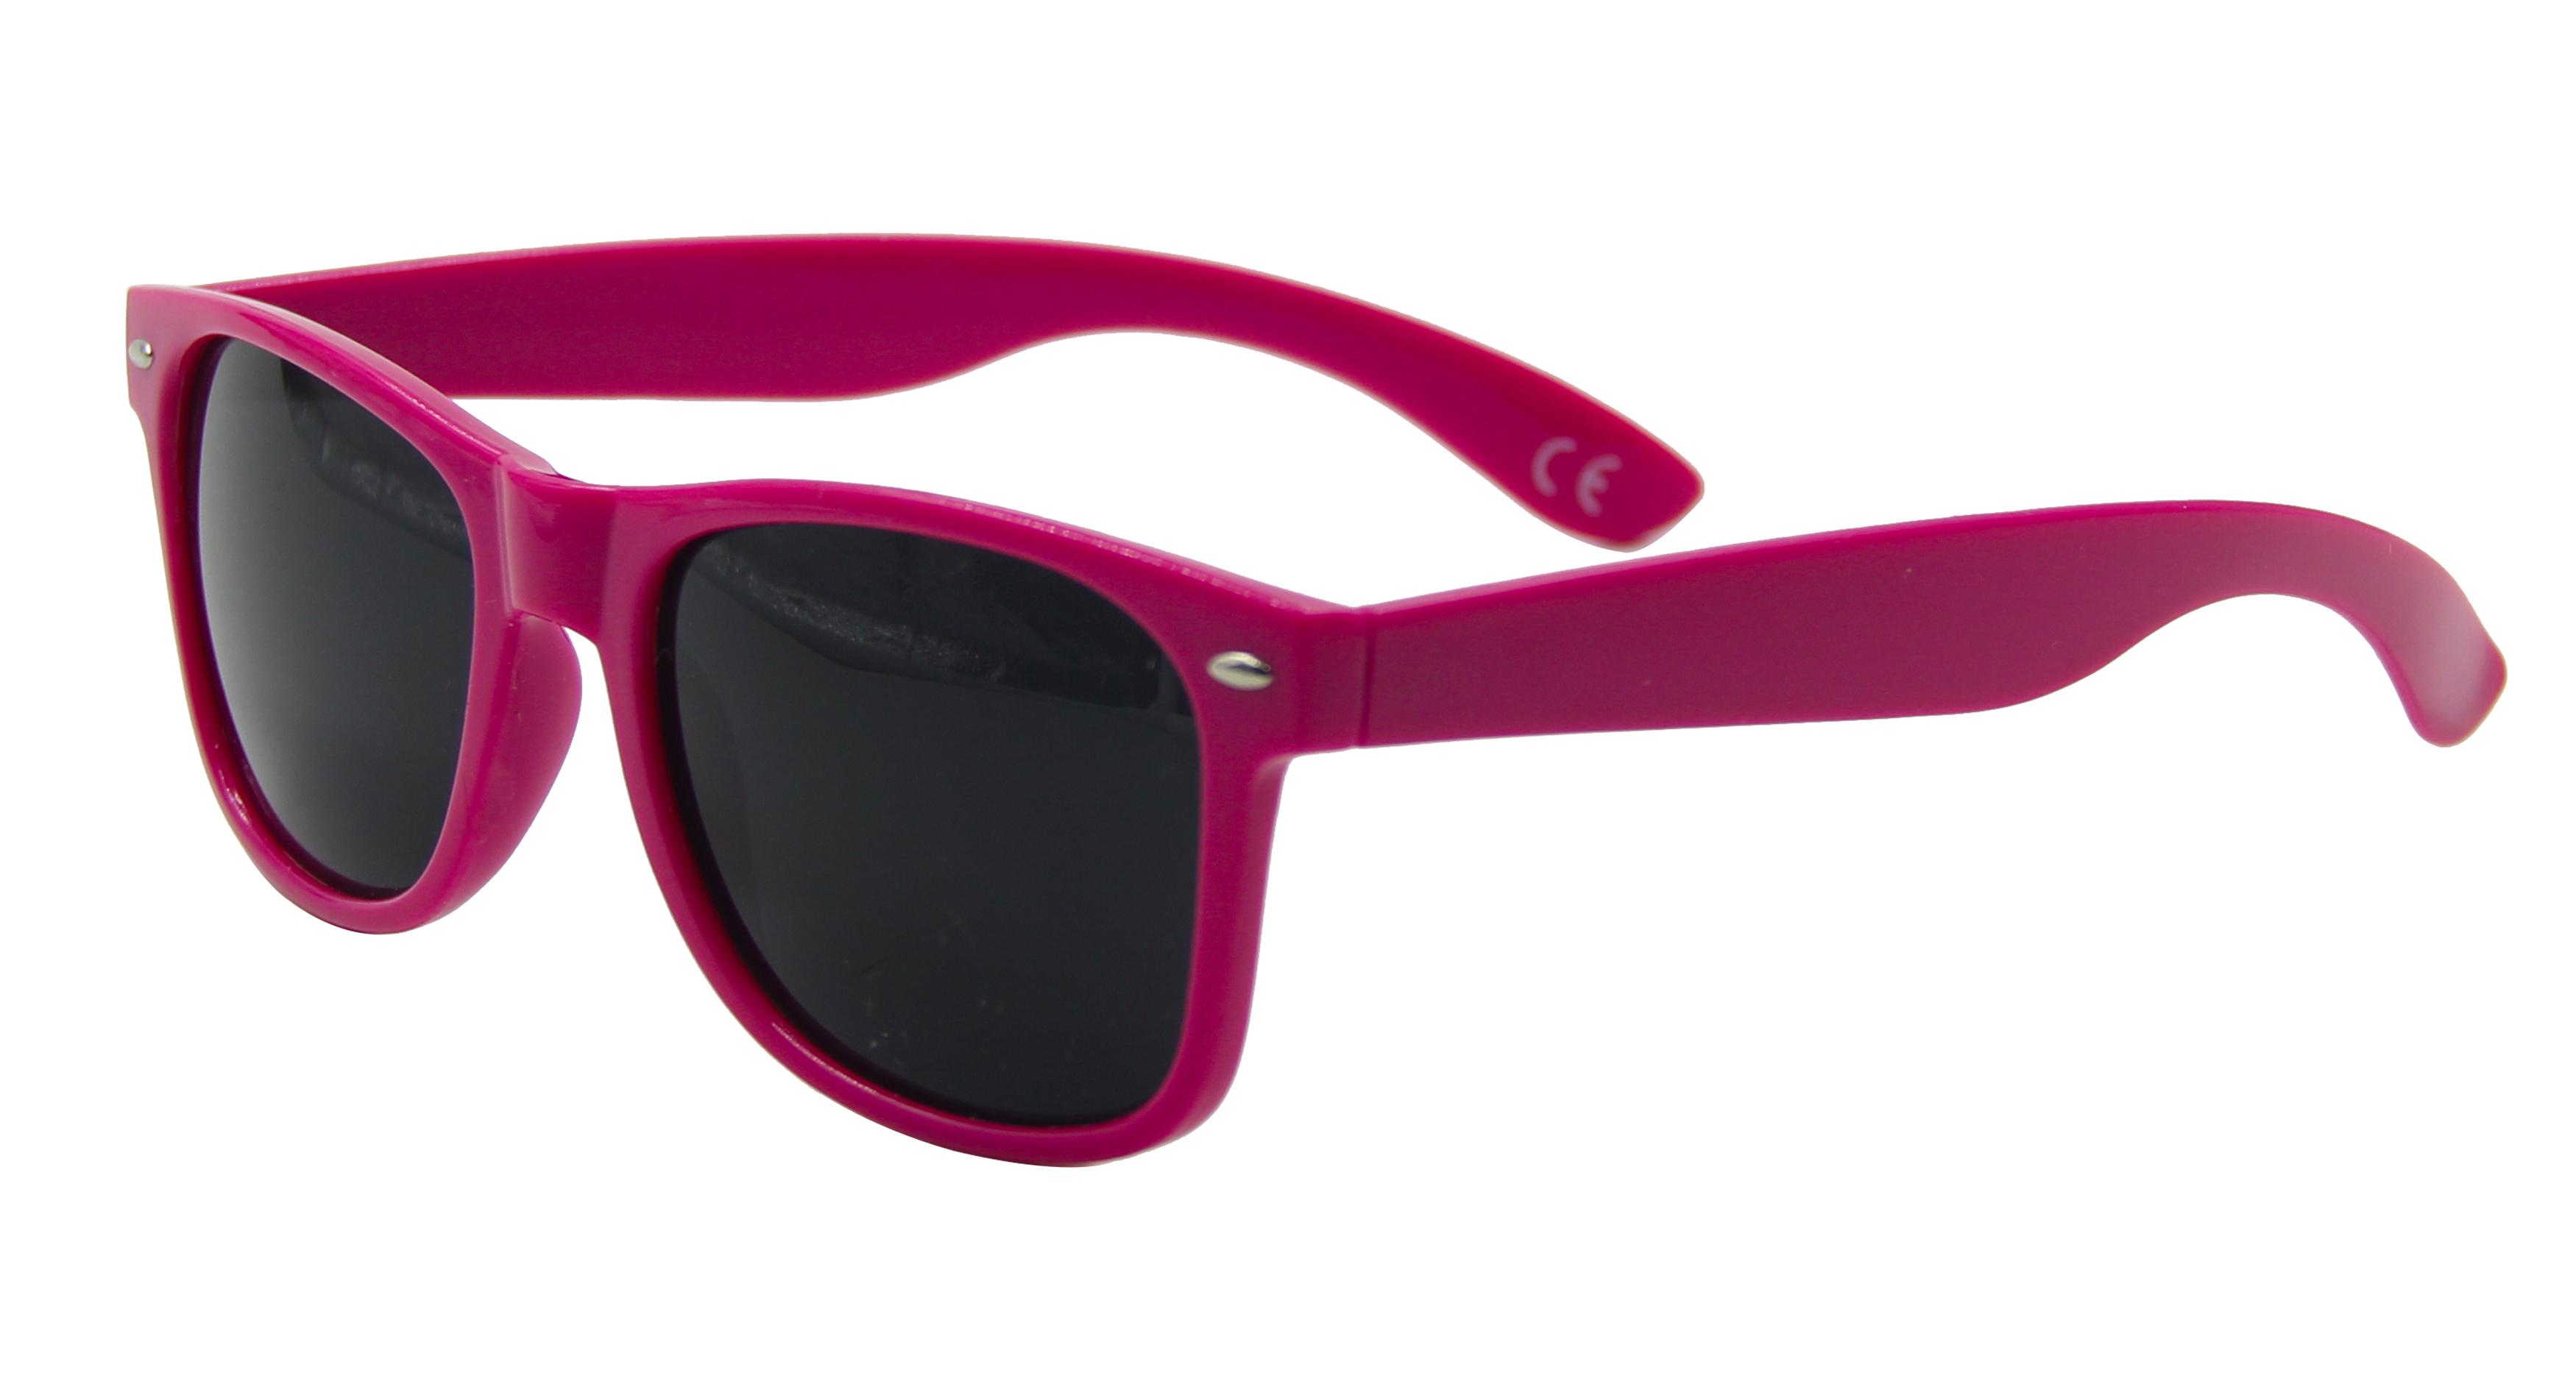 Clip miroir bleu sur des lunettes de soleil sur ebay for Force de miroir ebay